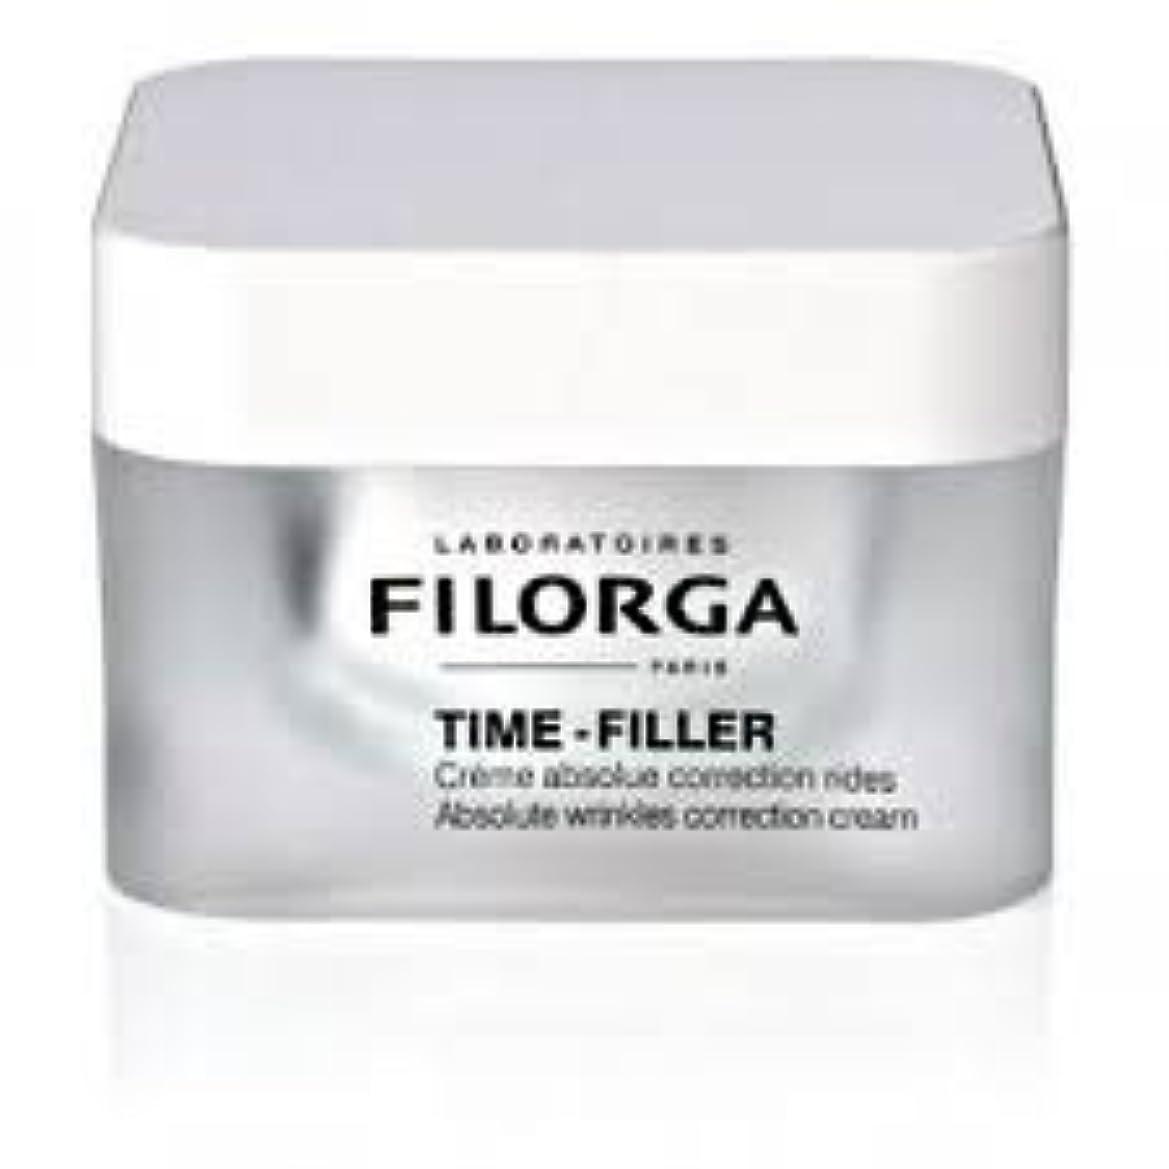 クリスチャンめまいが酸度フィロルガ[FILORGA]タイム フィラー 50ML TIME FILLER 50ML [海外直送品] [並行輸入品]